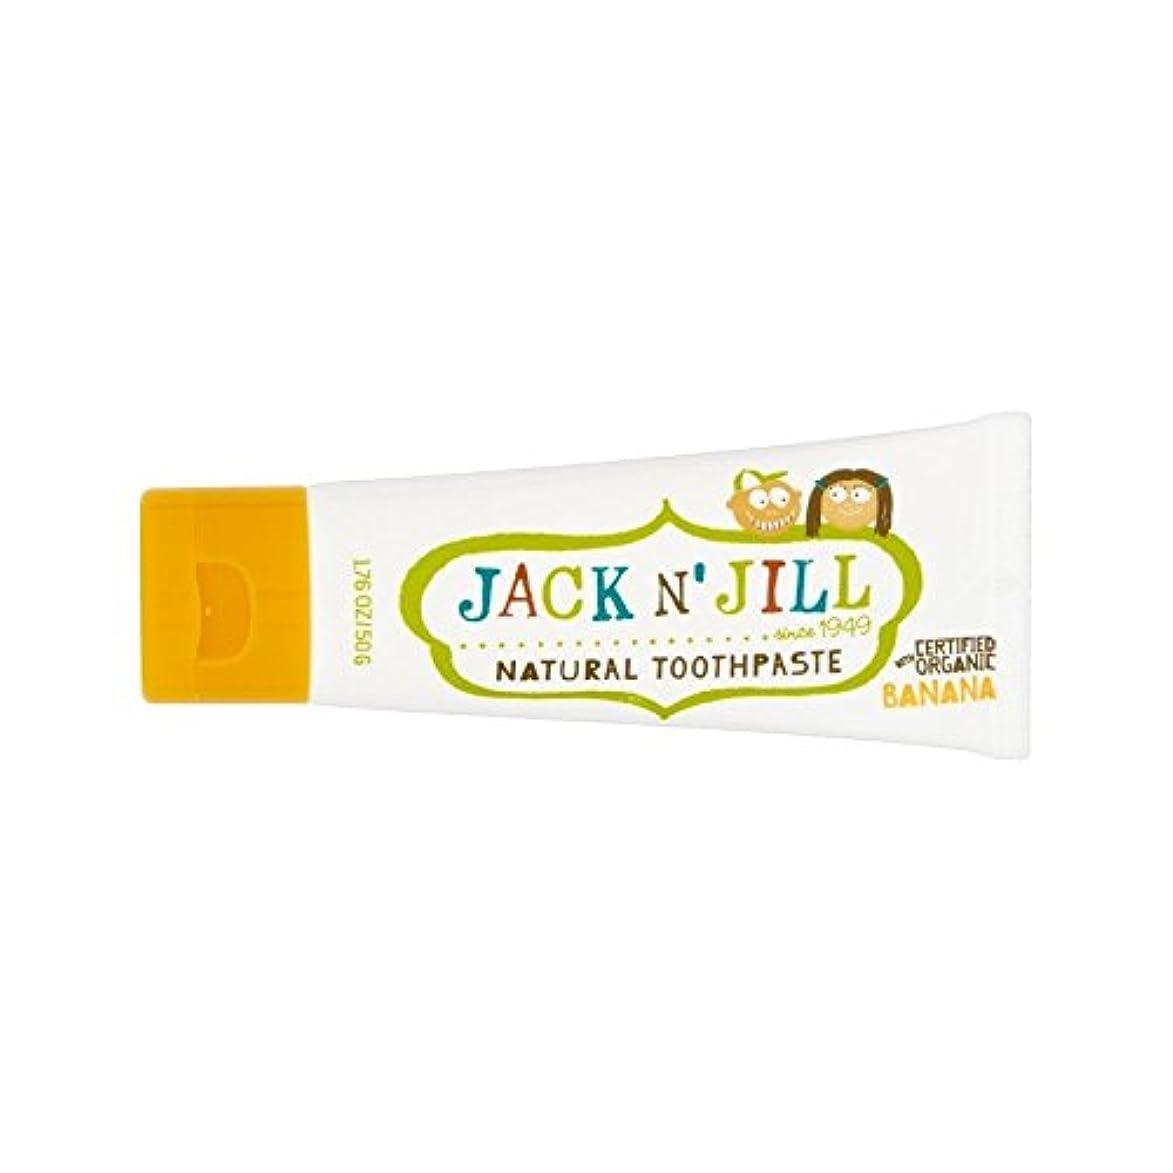 複雑でない難破船群がる有機香味50グラムと自然バナナ歯磨き粉 (Jack N Jill) (x 6) - Jack N' Jill Banana Toothpaste Natural with Organic Flavouring 50g (...